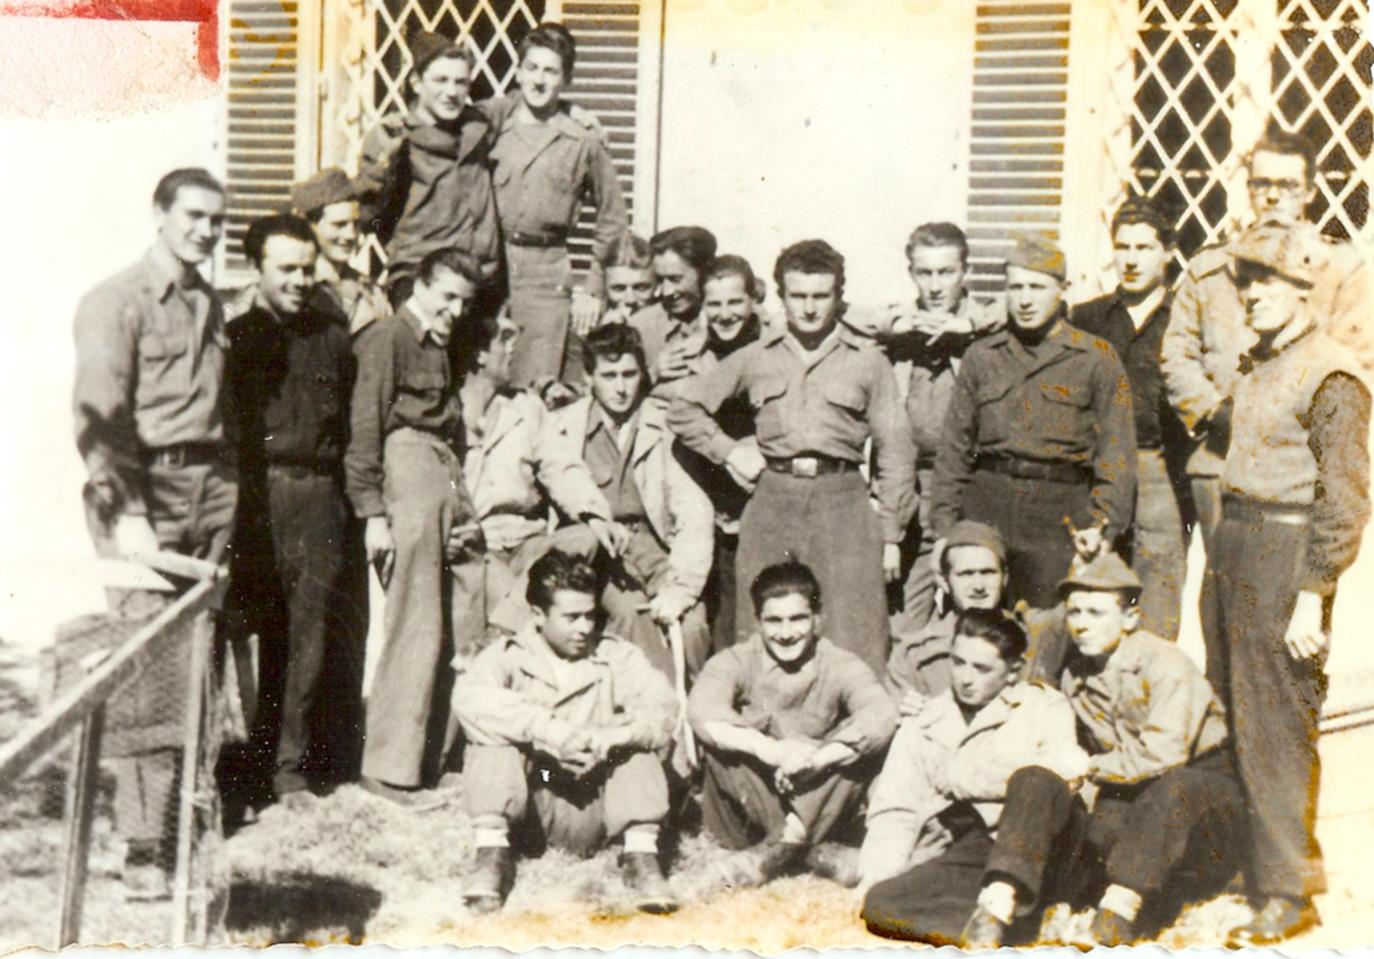 Gruppo di partigiani pavullesi. Foto della sezione ANPI di Pavullo nel Frignano - battaglia di Benedello